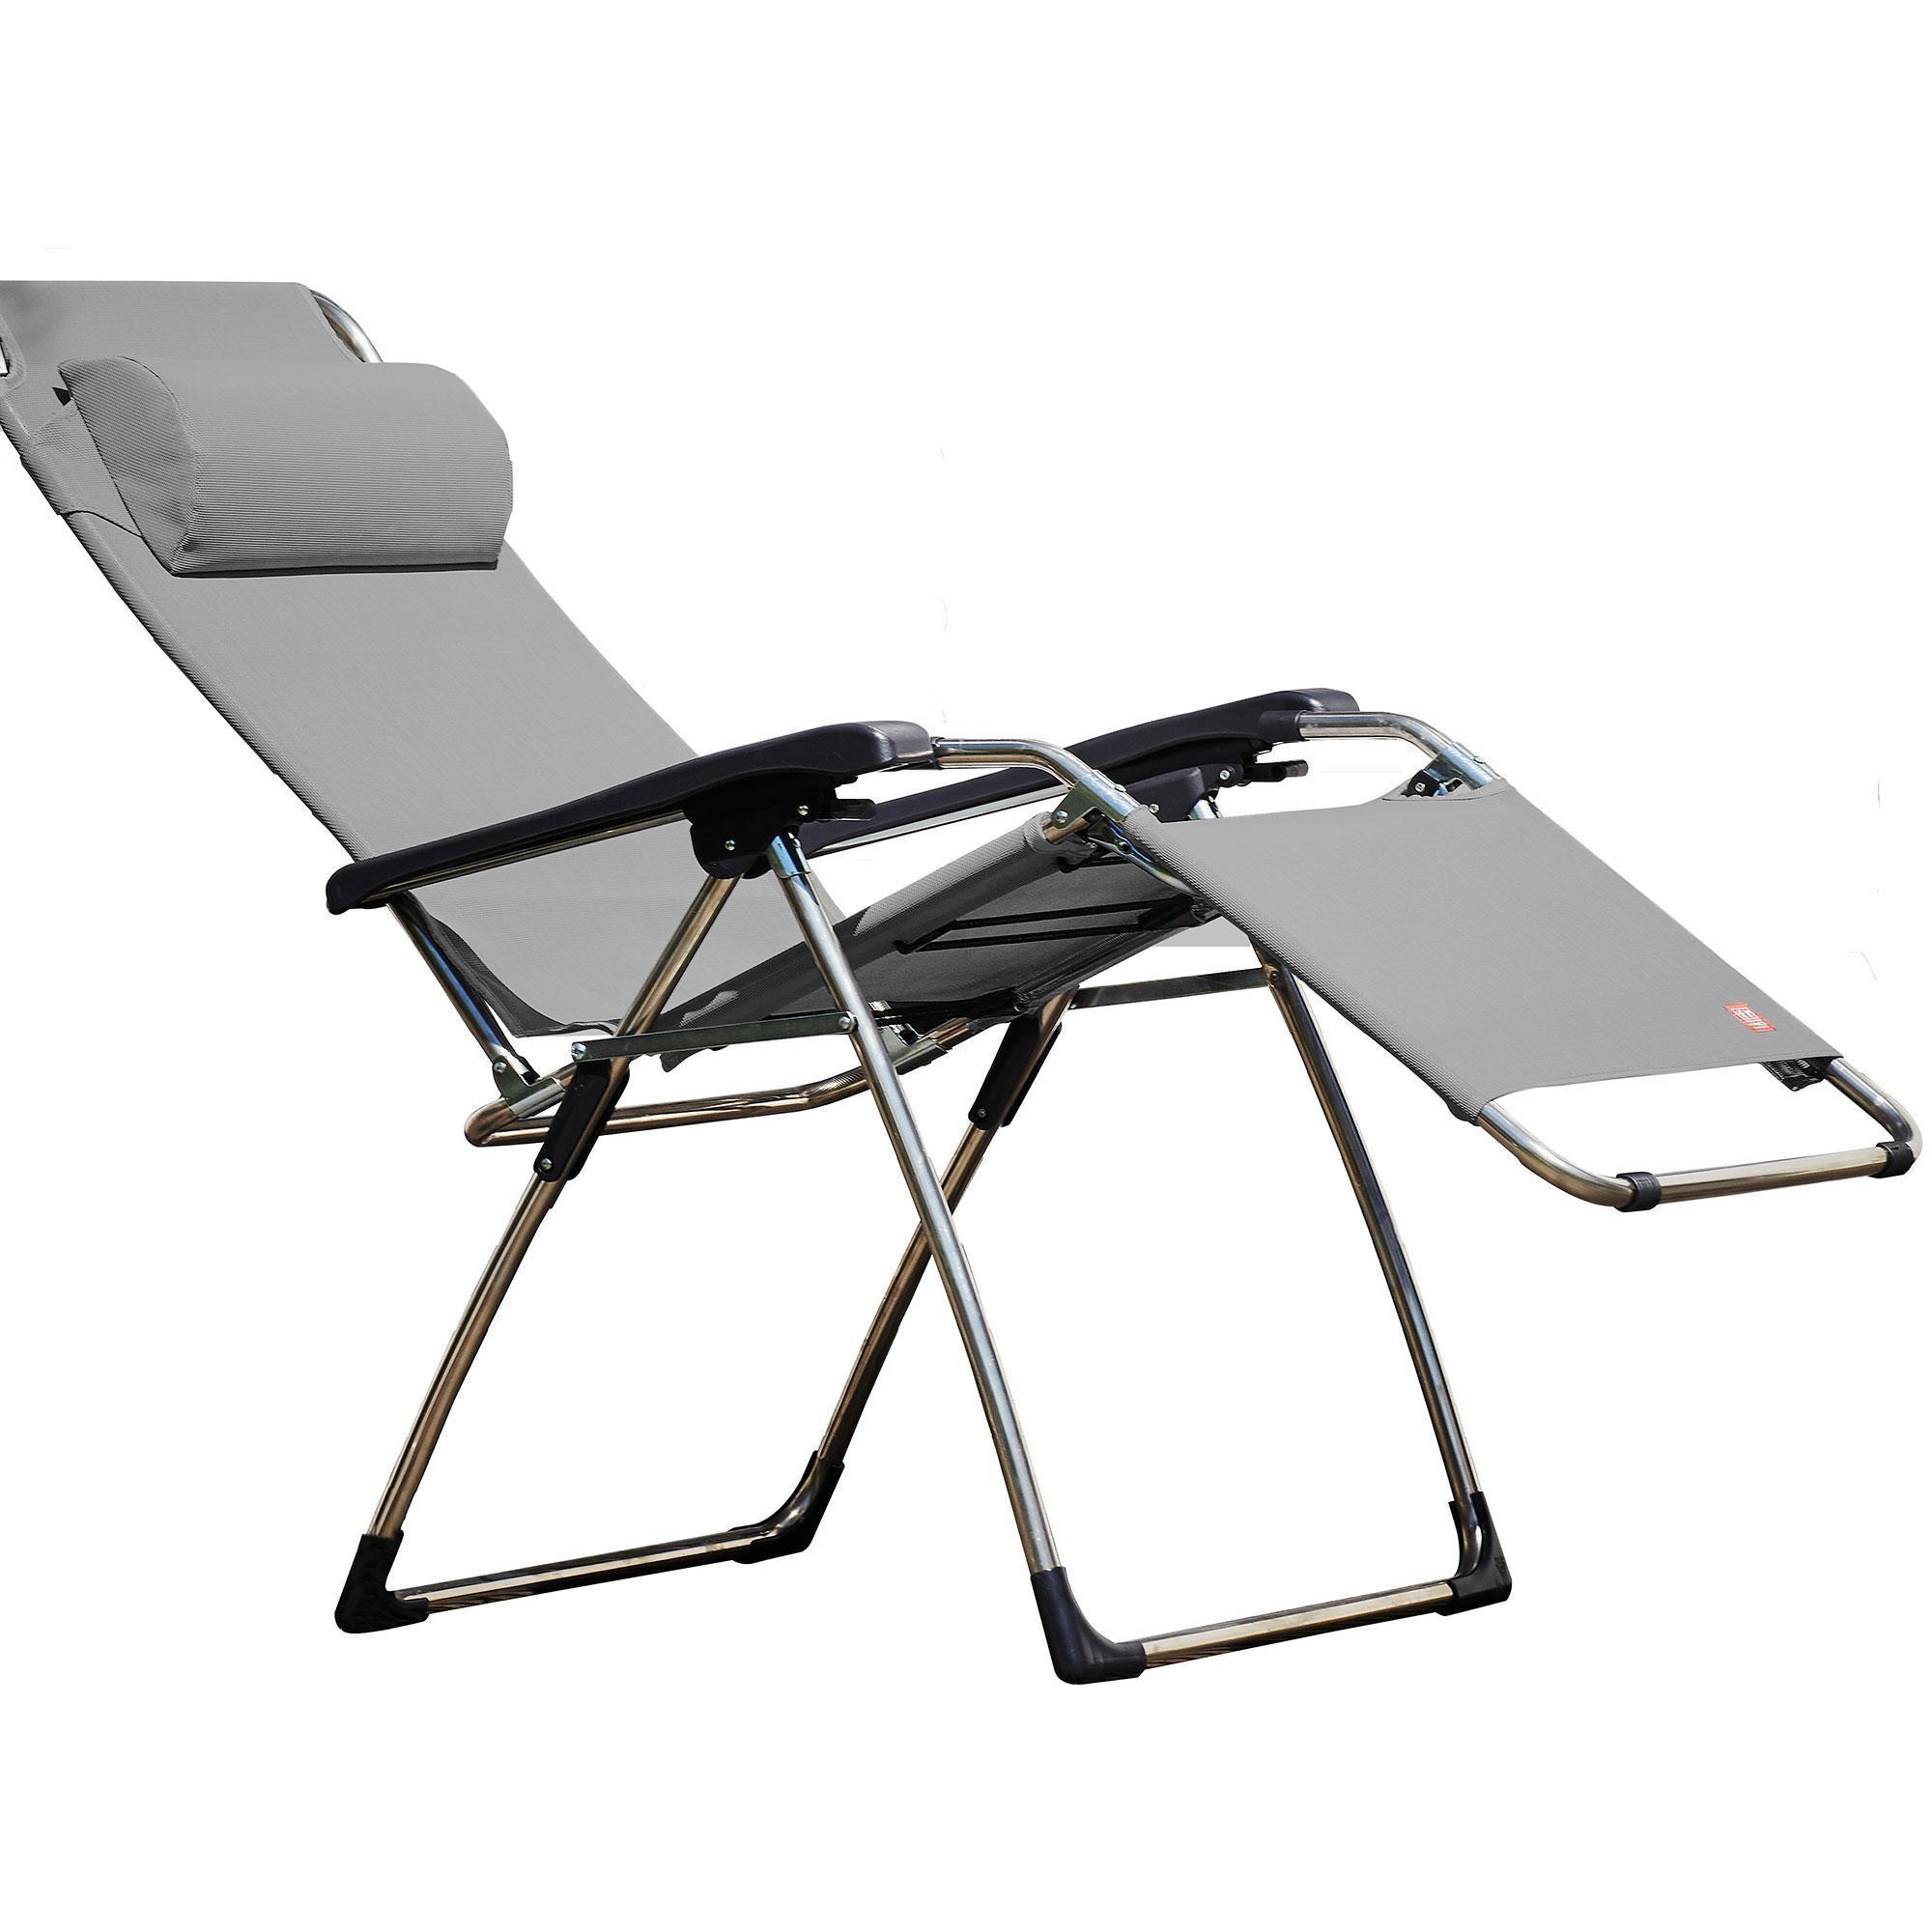 Full Size of Relaxliege Wohnzimmer Sofa Mit Verstellbarer Sitztiefe Garten Wohnzimmer Relaxliege Verstellbar